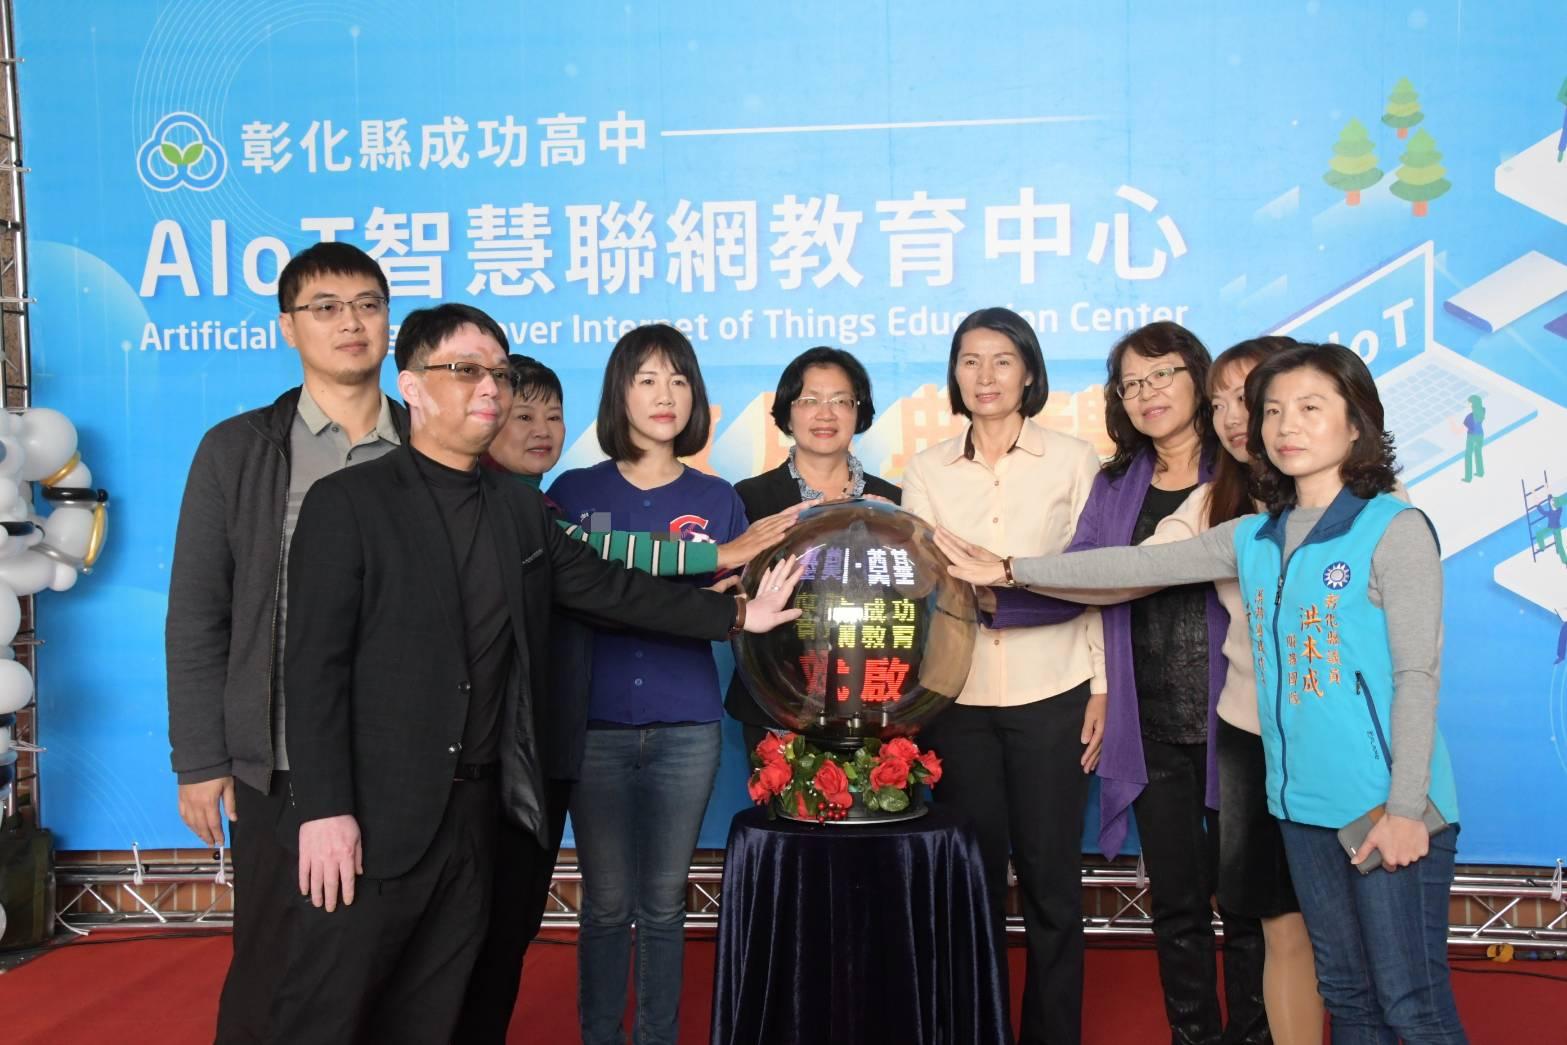 智慧聯網 奠基未來  彰化縣第二座成功高中AIoT智慧聯網教育中心啟用